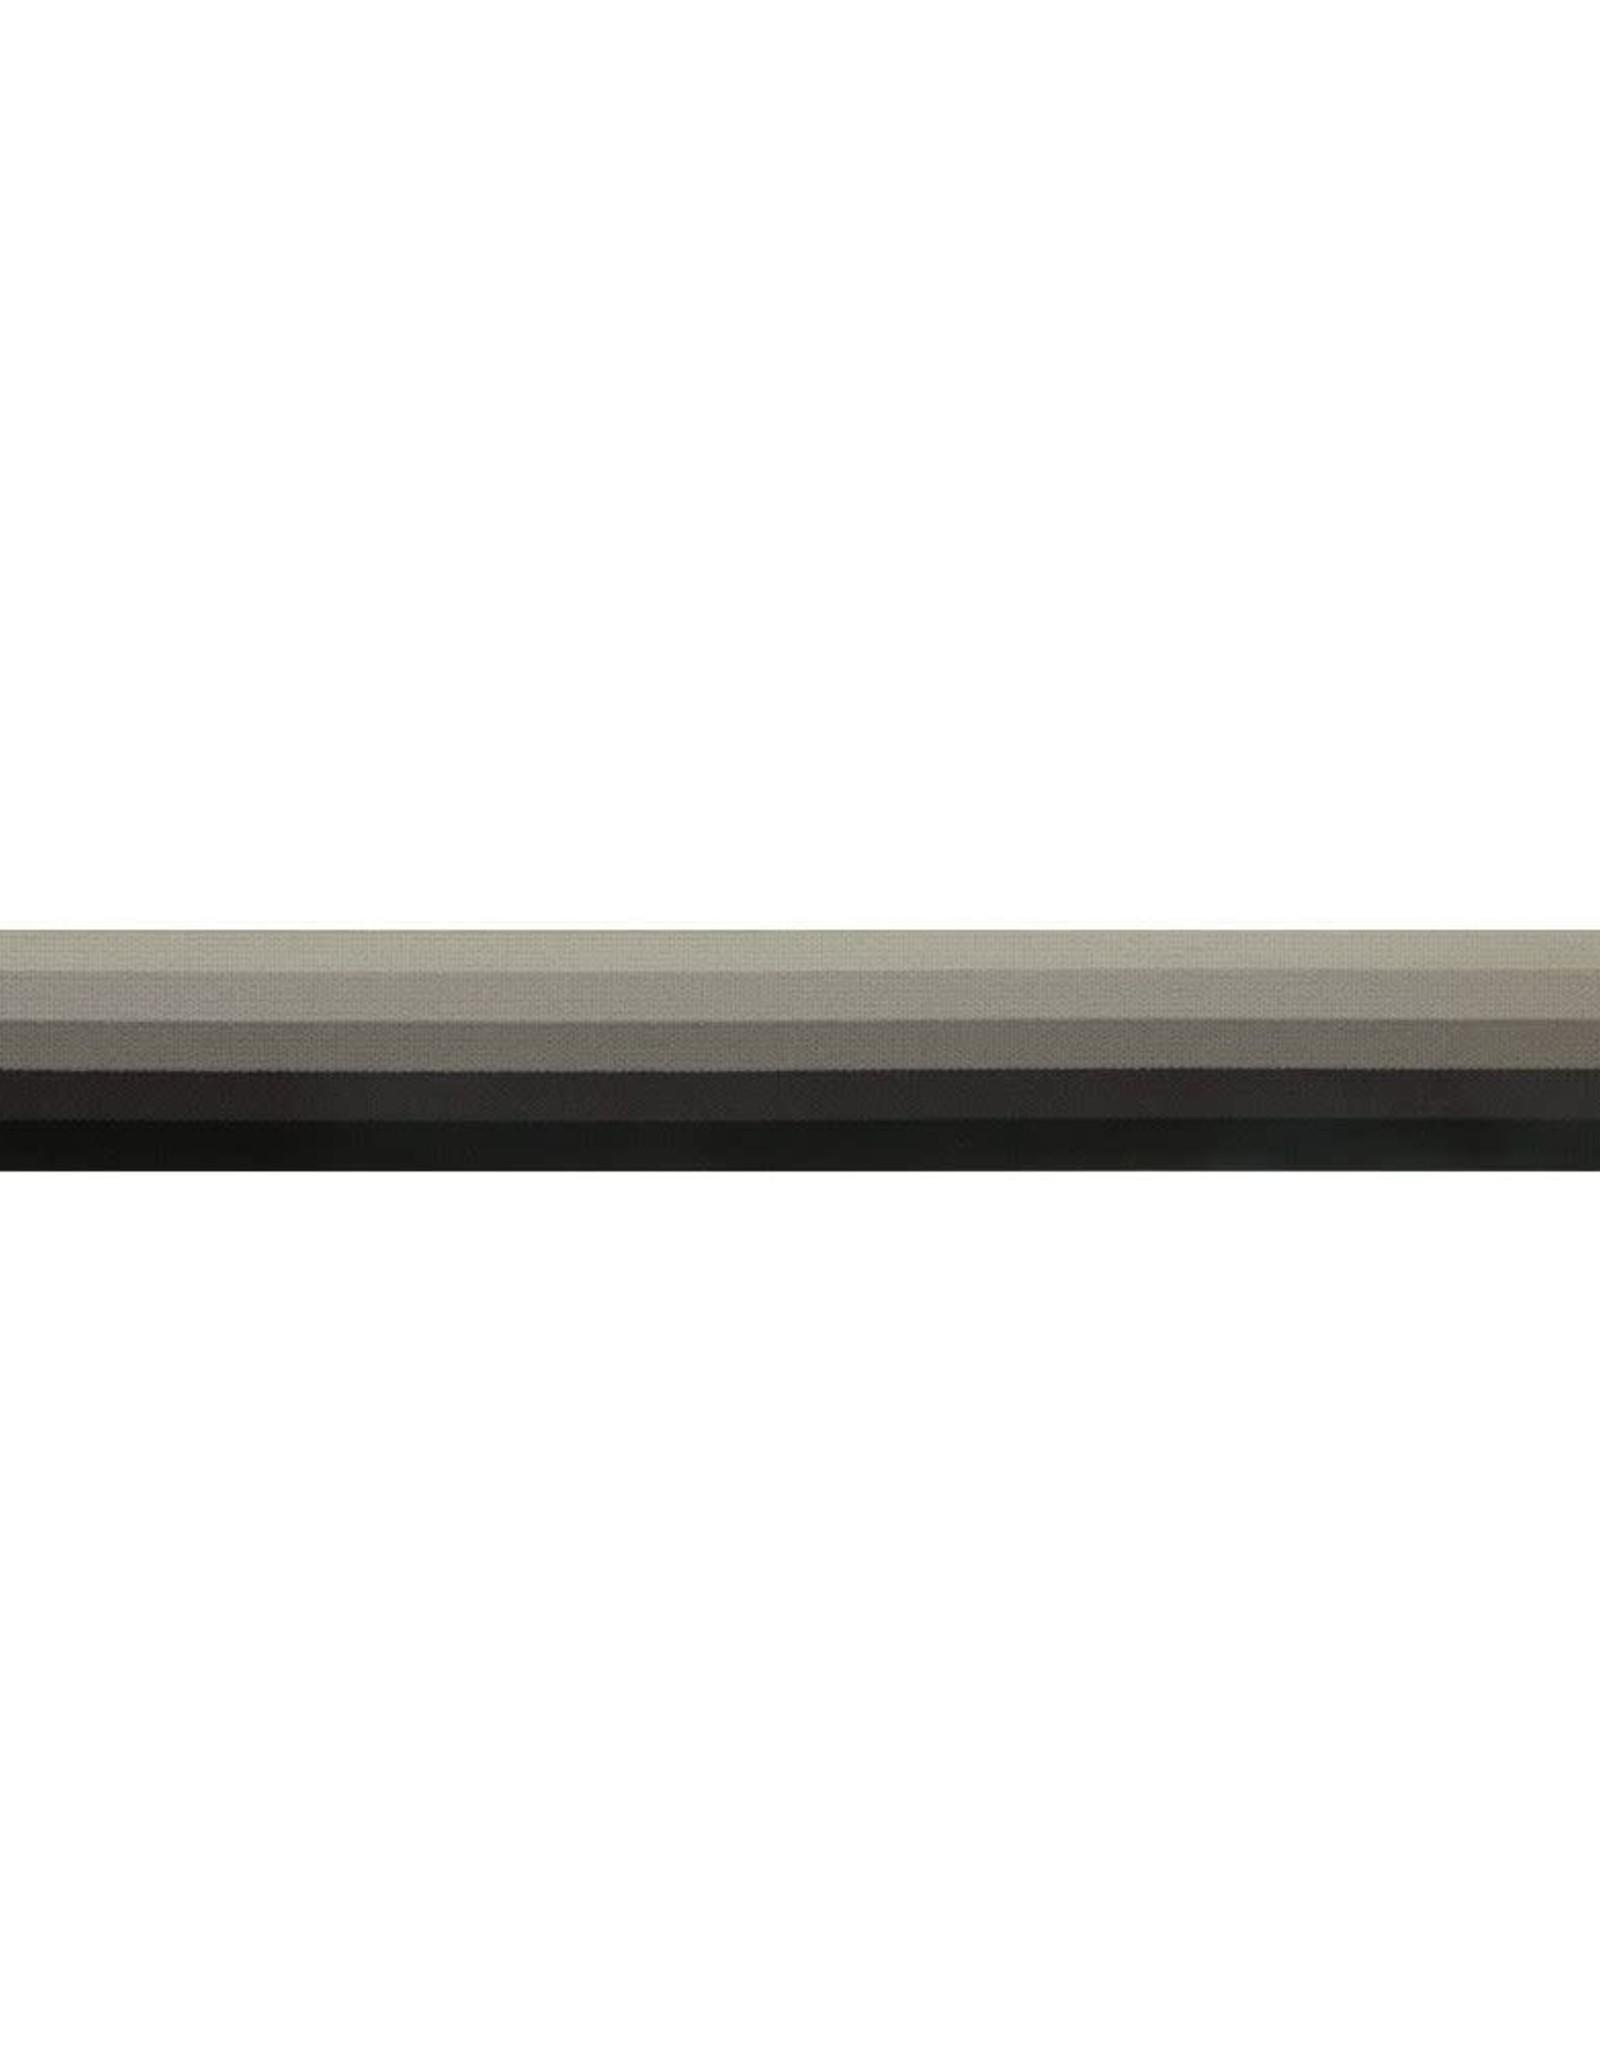 Elastiek gestreept zwart/grijs 32mm